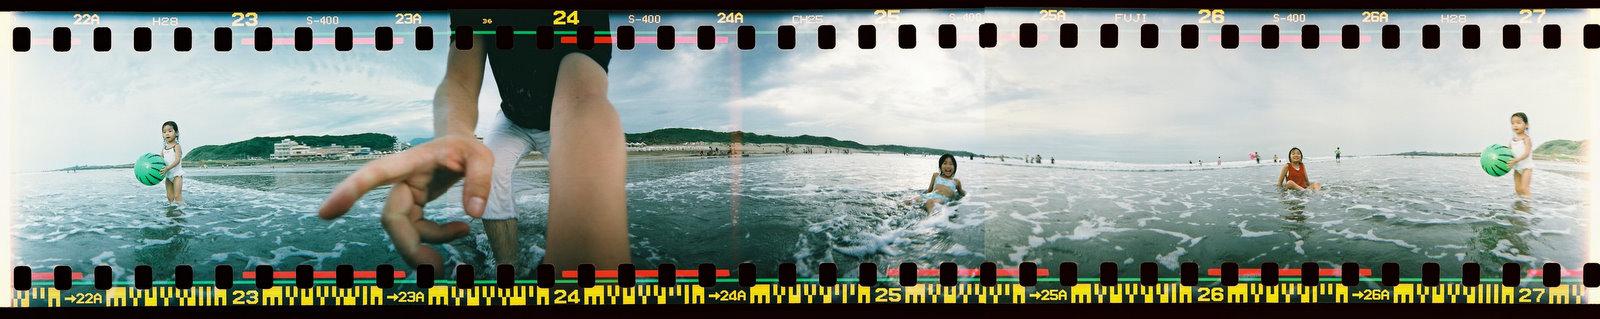 03 LOMO Spinner 360 X FUJI X-TRA 400.jpg